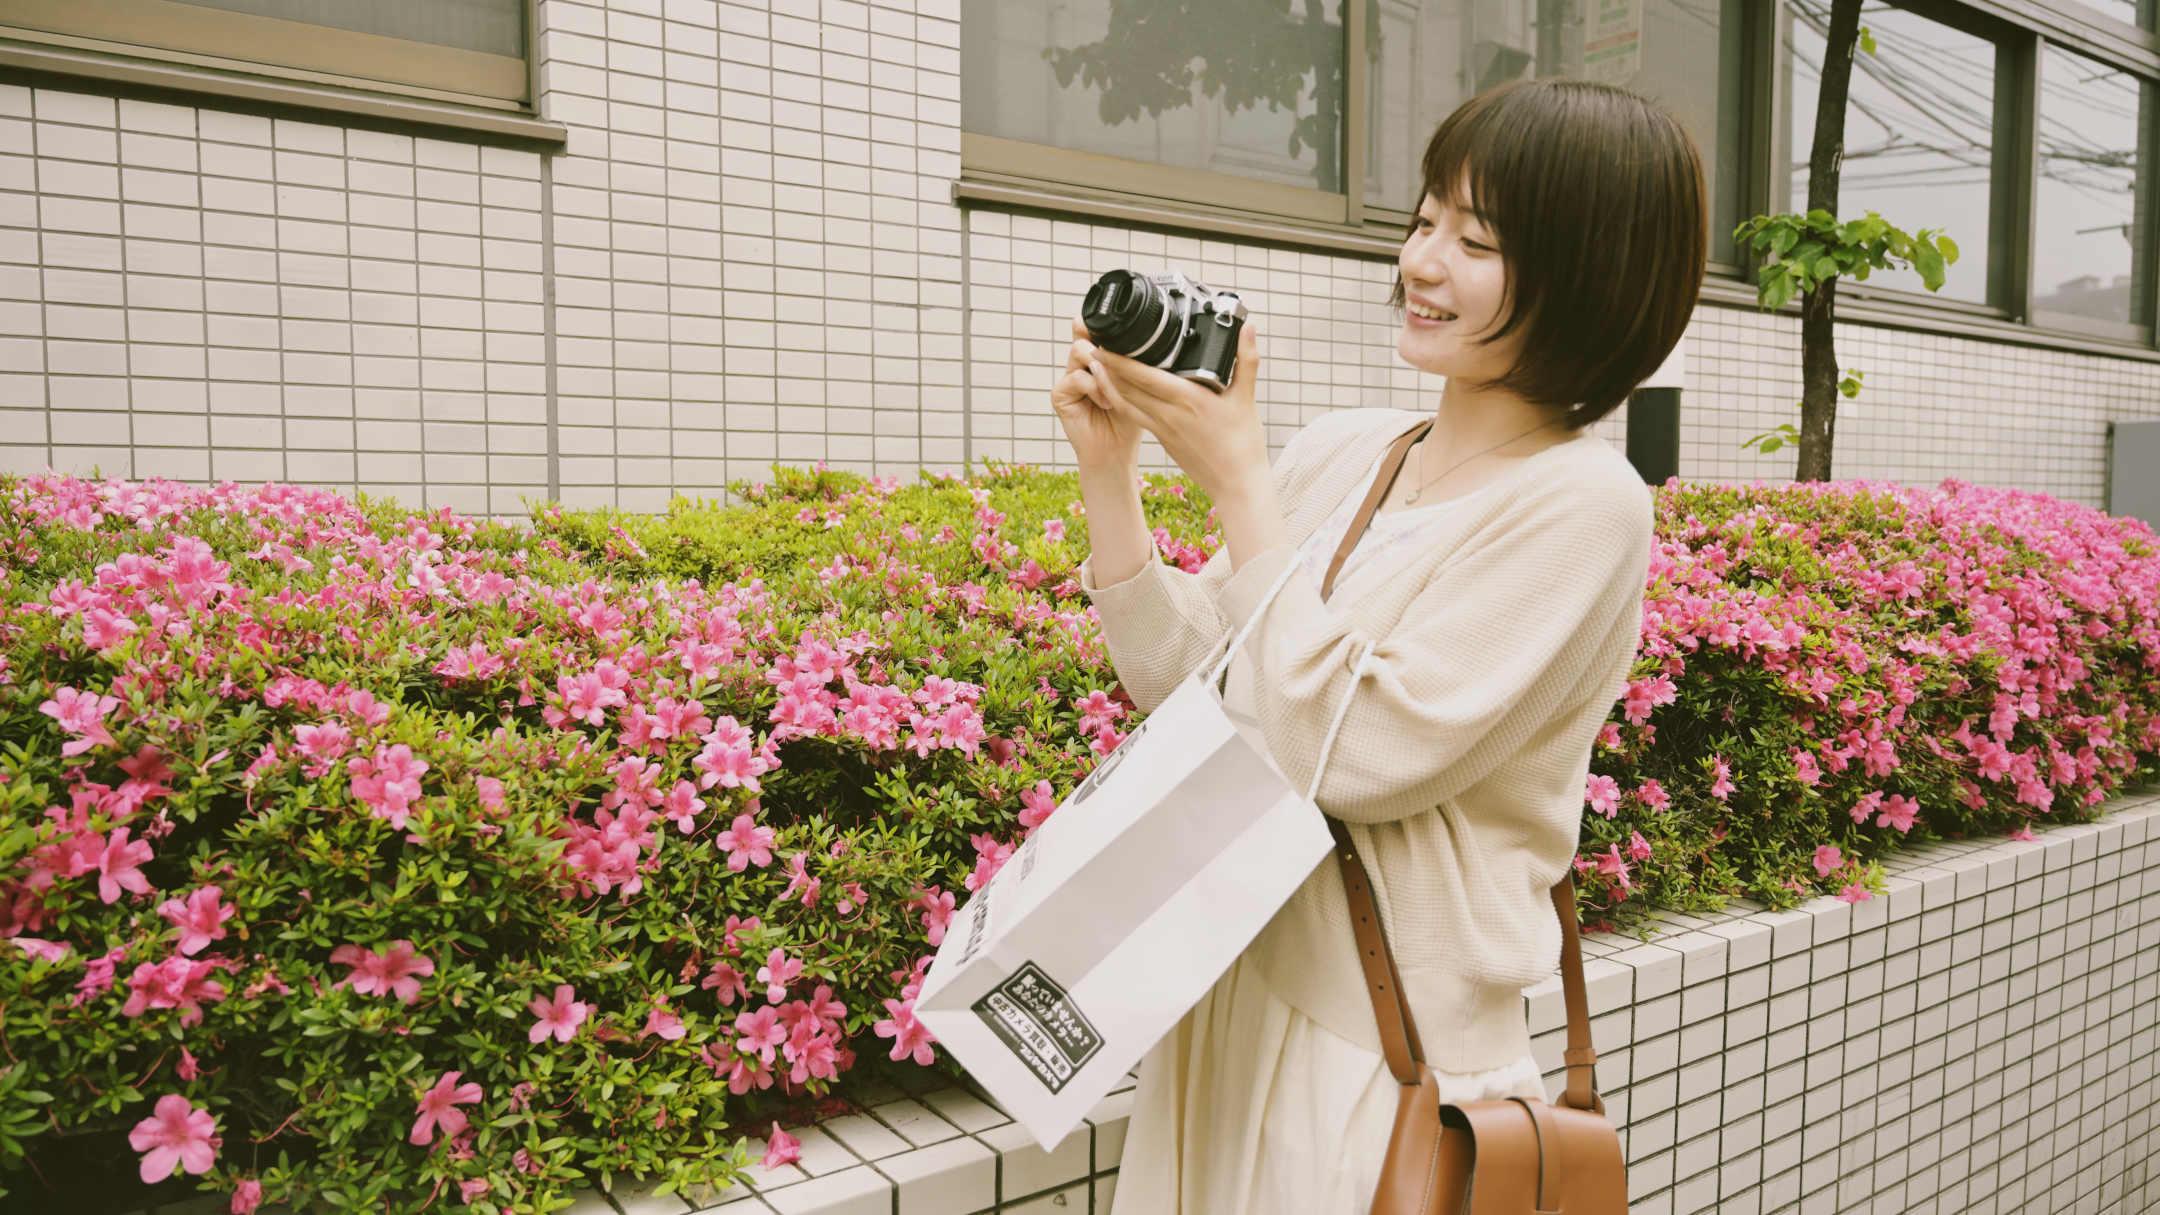 【選び方】ショップスタッフに聞いた、フィルムカメラ選び5つのポイント